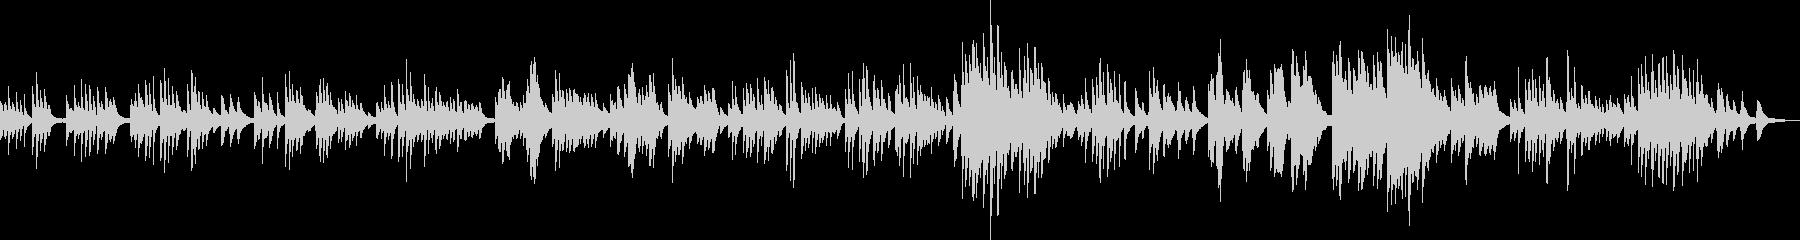 悲しい旋律のピアノソロ曲の未再生の波形